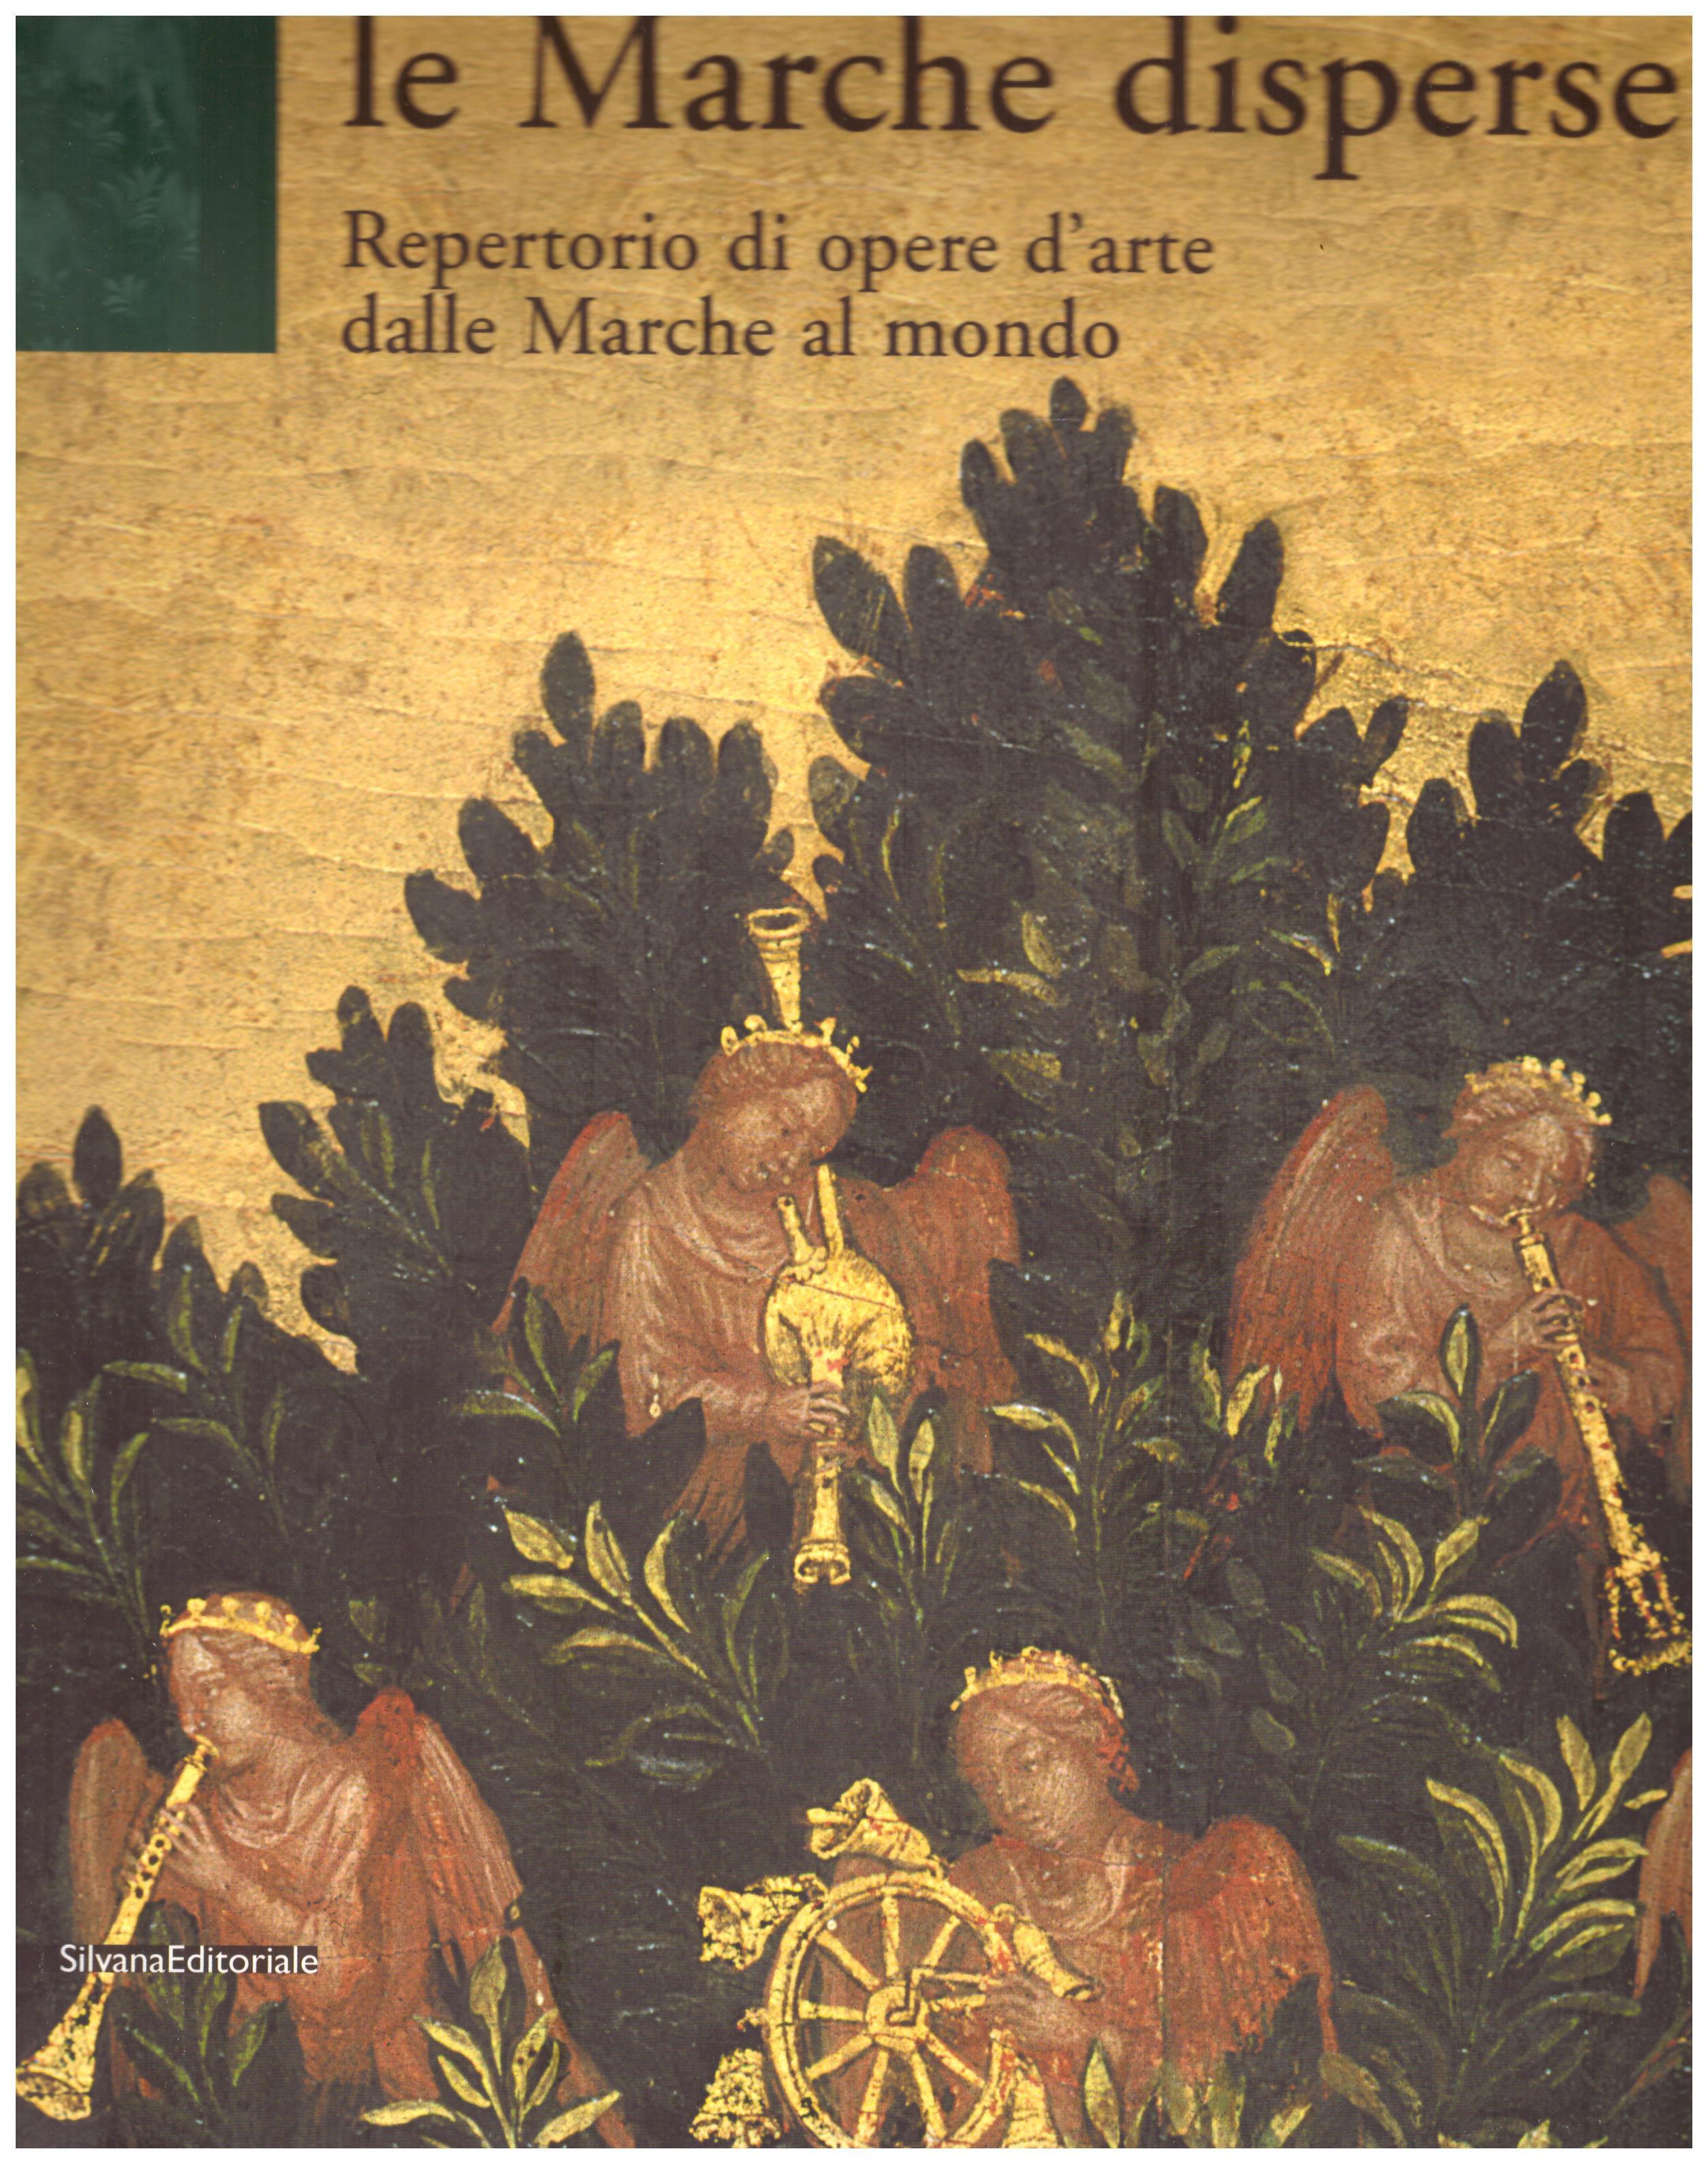 Titolo: Le Marche disperse      Autore: AA.VV. A cura di Costanza Costanzi     Editore: silvanaeditoriale